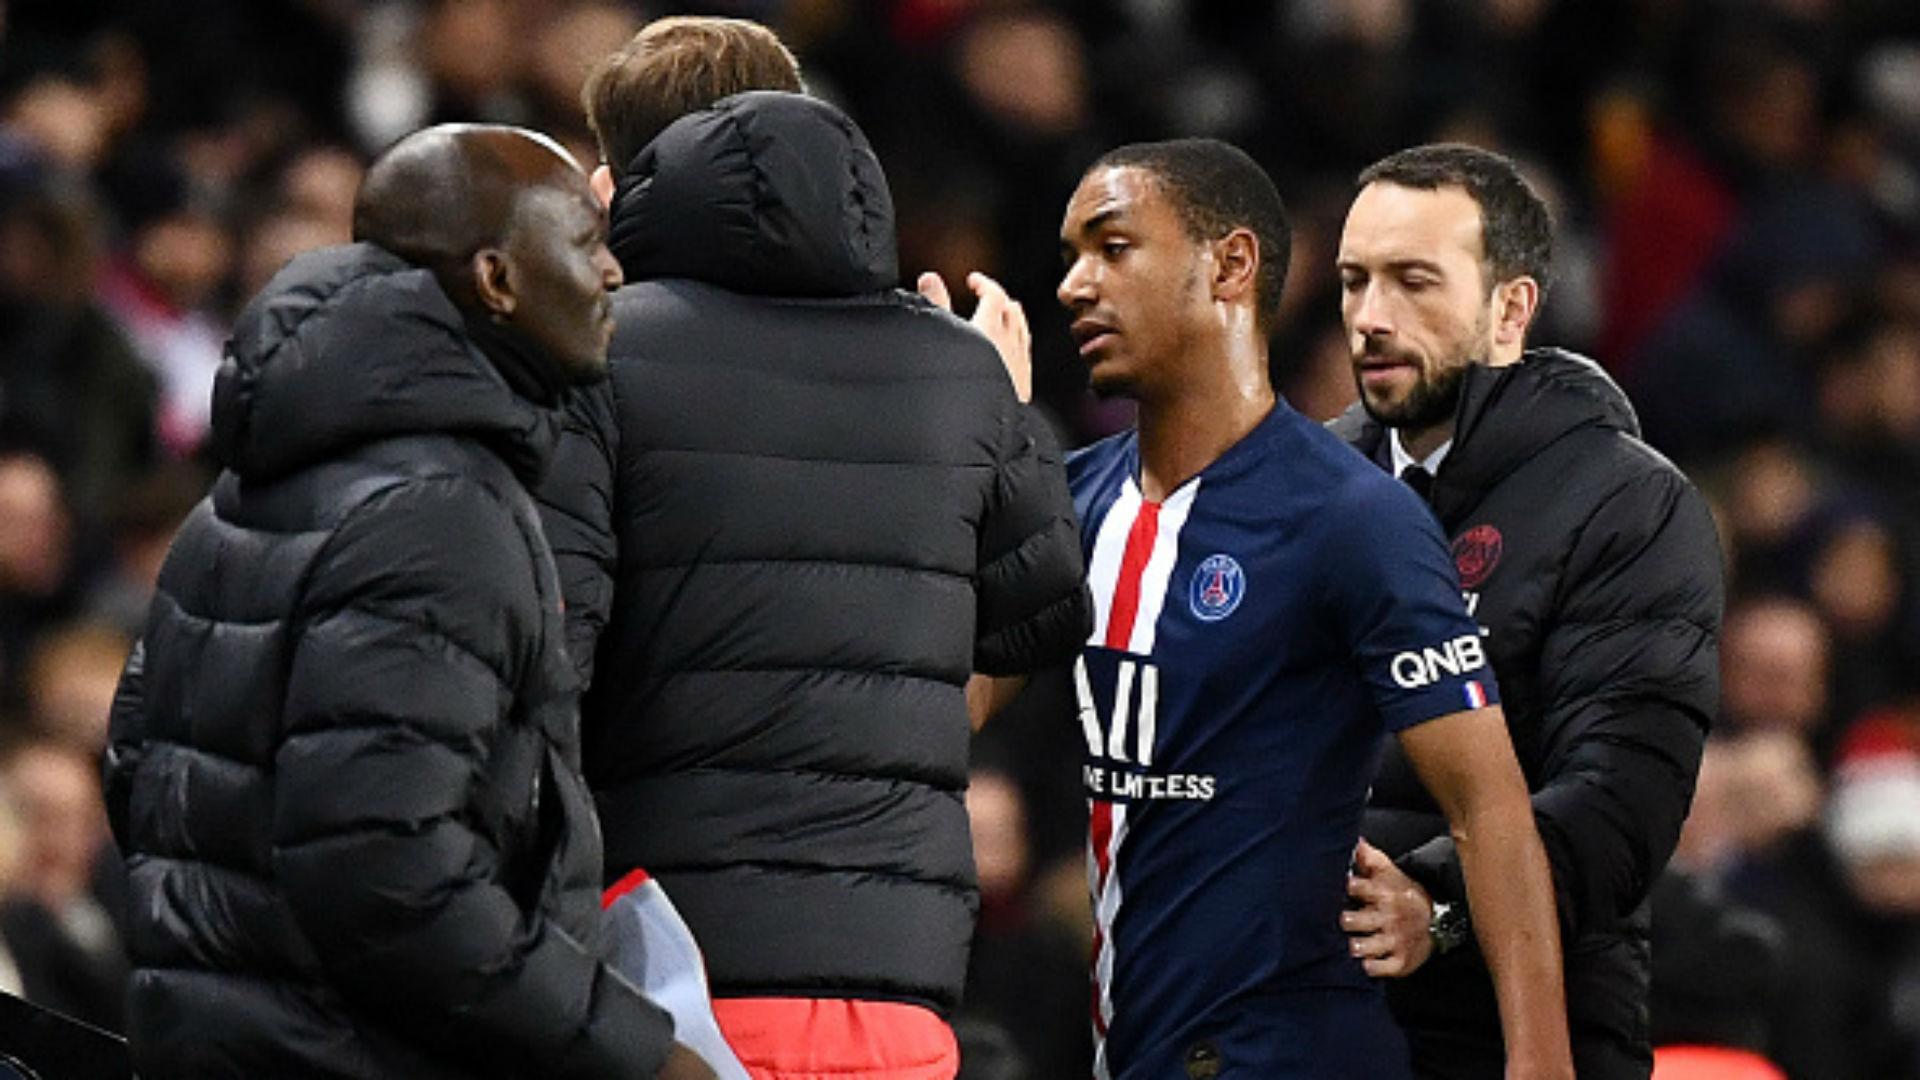 PSG-Amiens : Abdou Diallo, Thiago Silva... l'infirmerie se remplit encore avant les fêtes